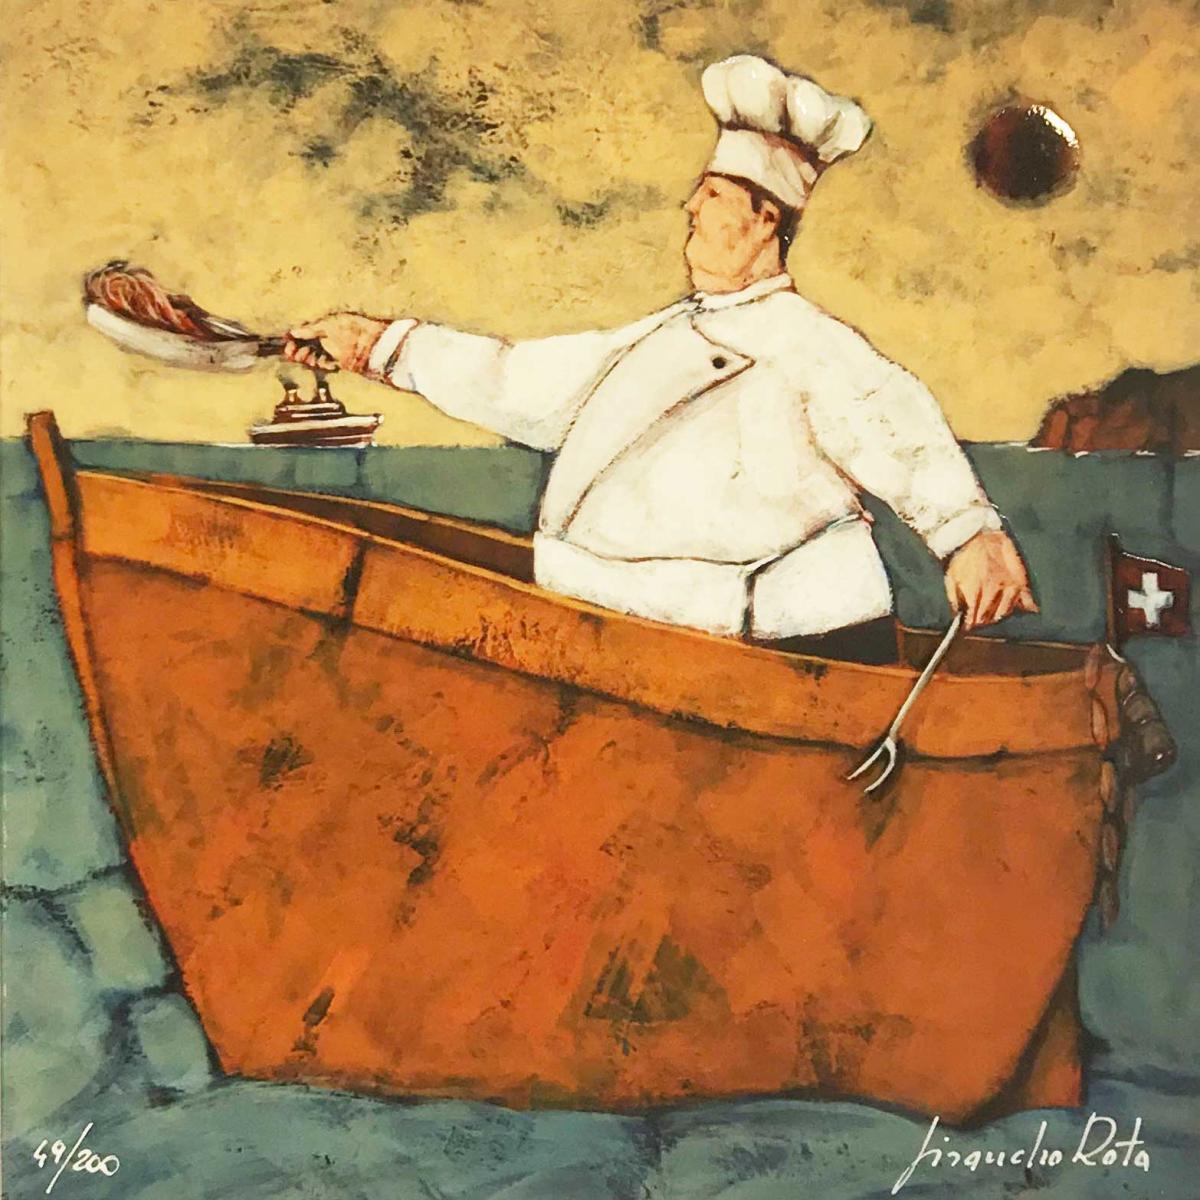 il cuoco di bordo